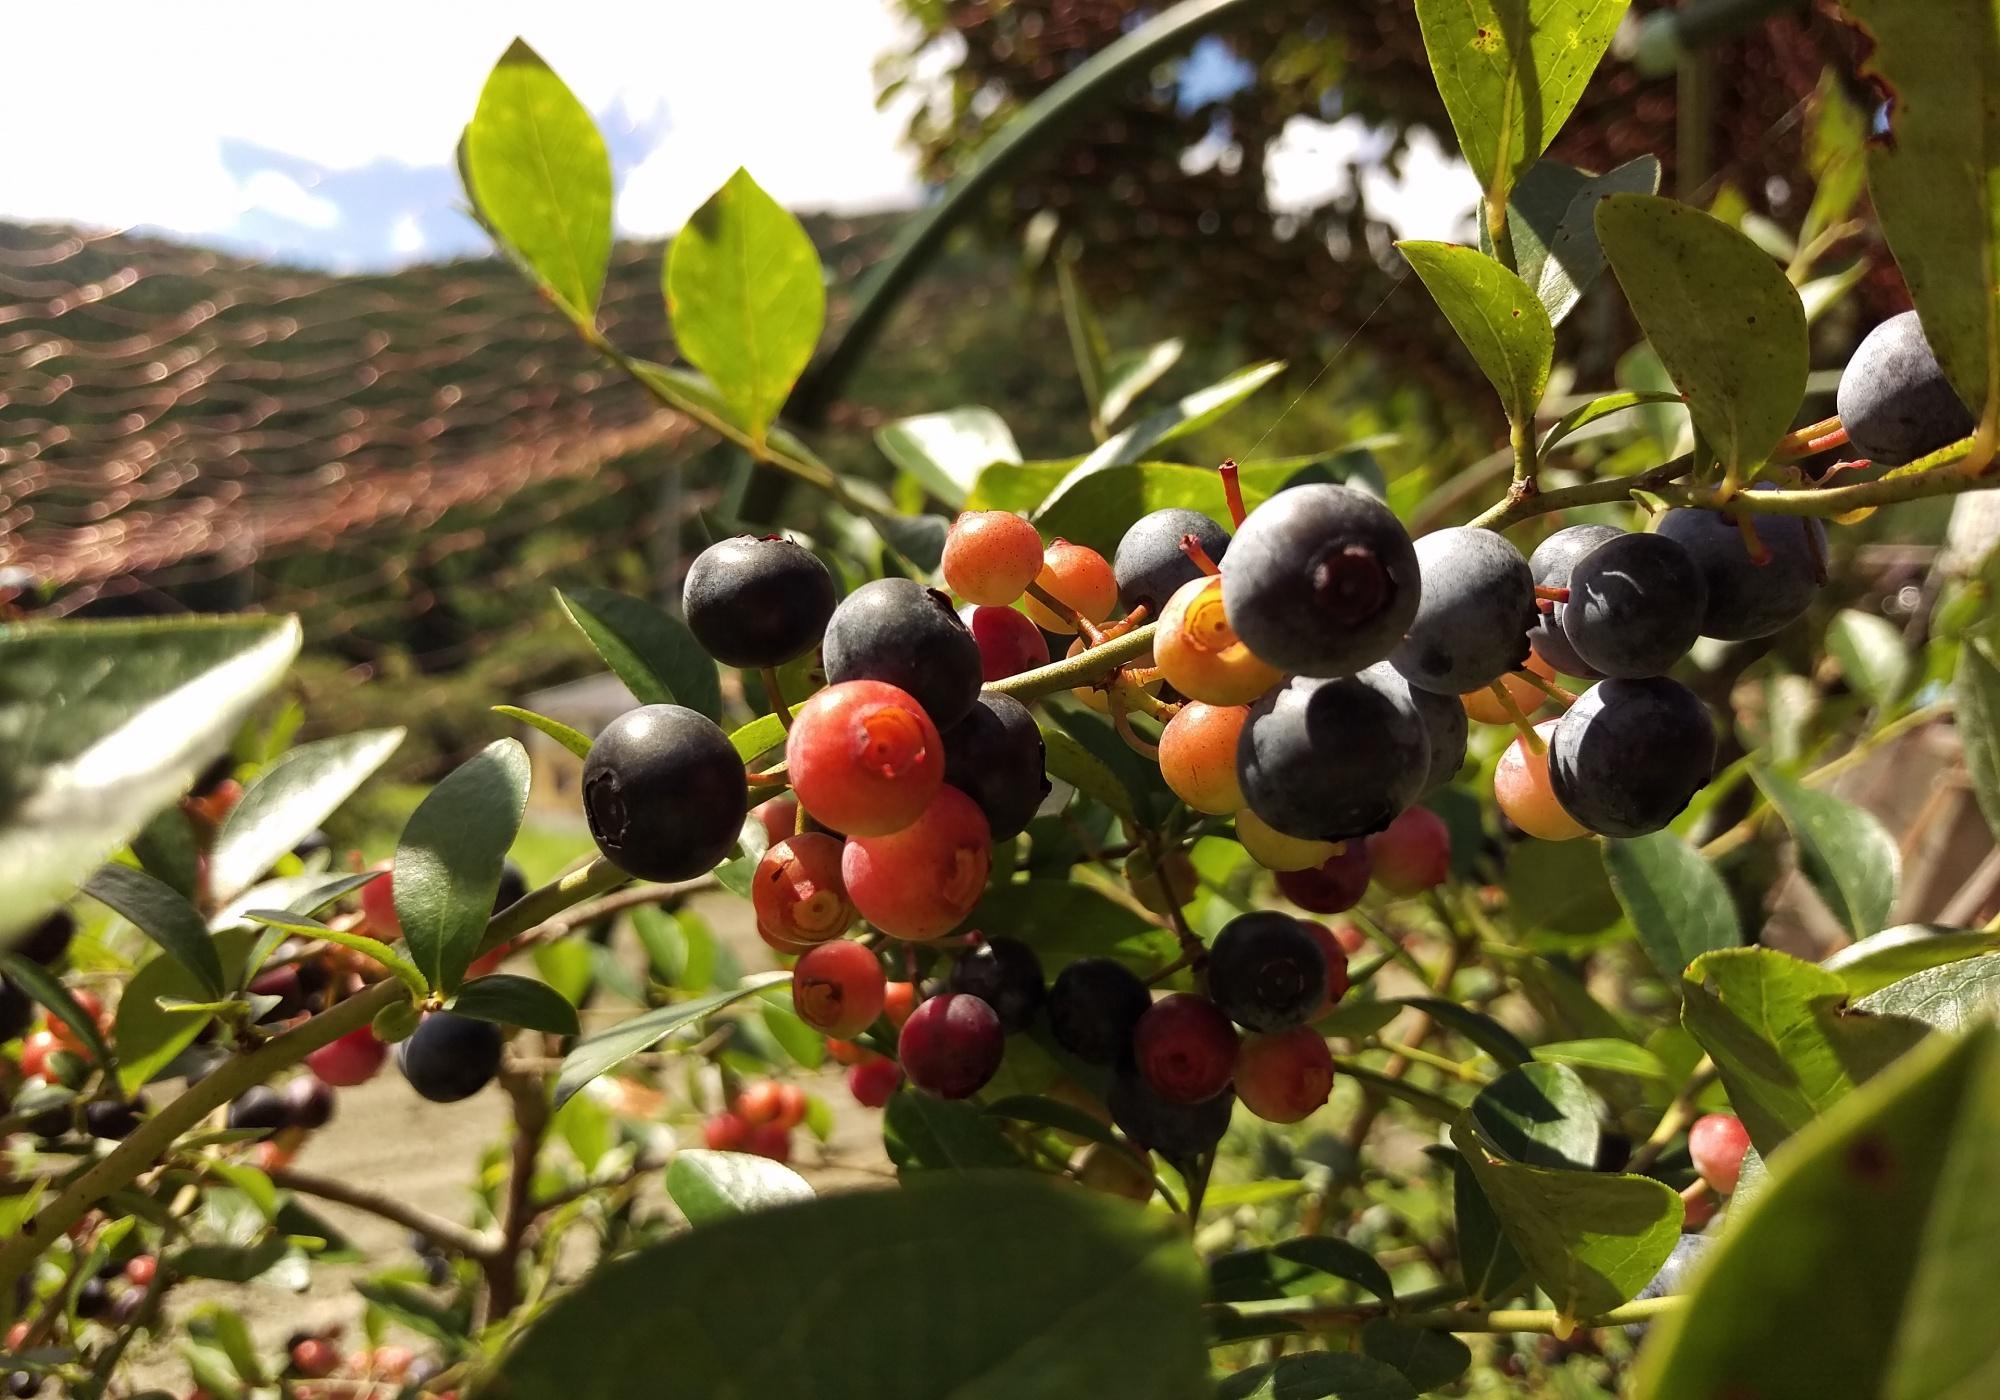 山口さんの庭のブルーベリーの木